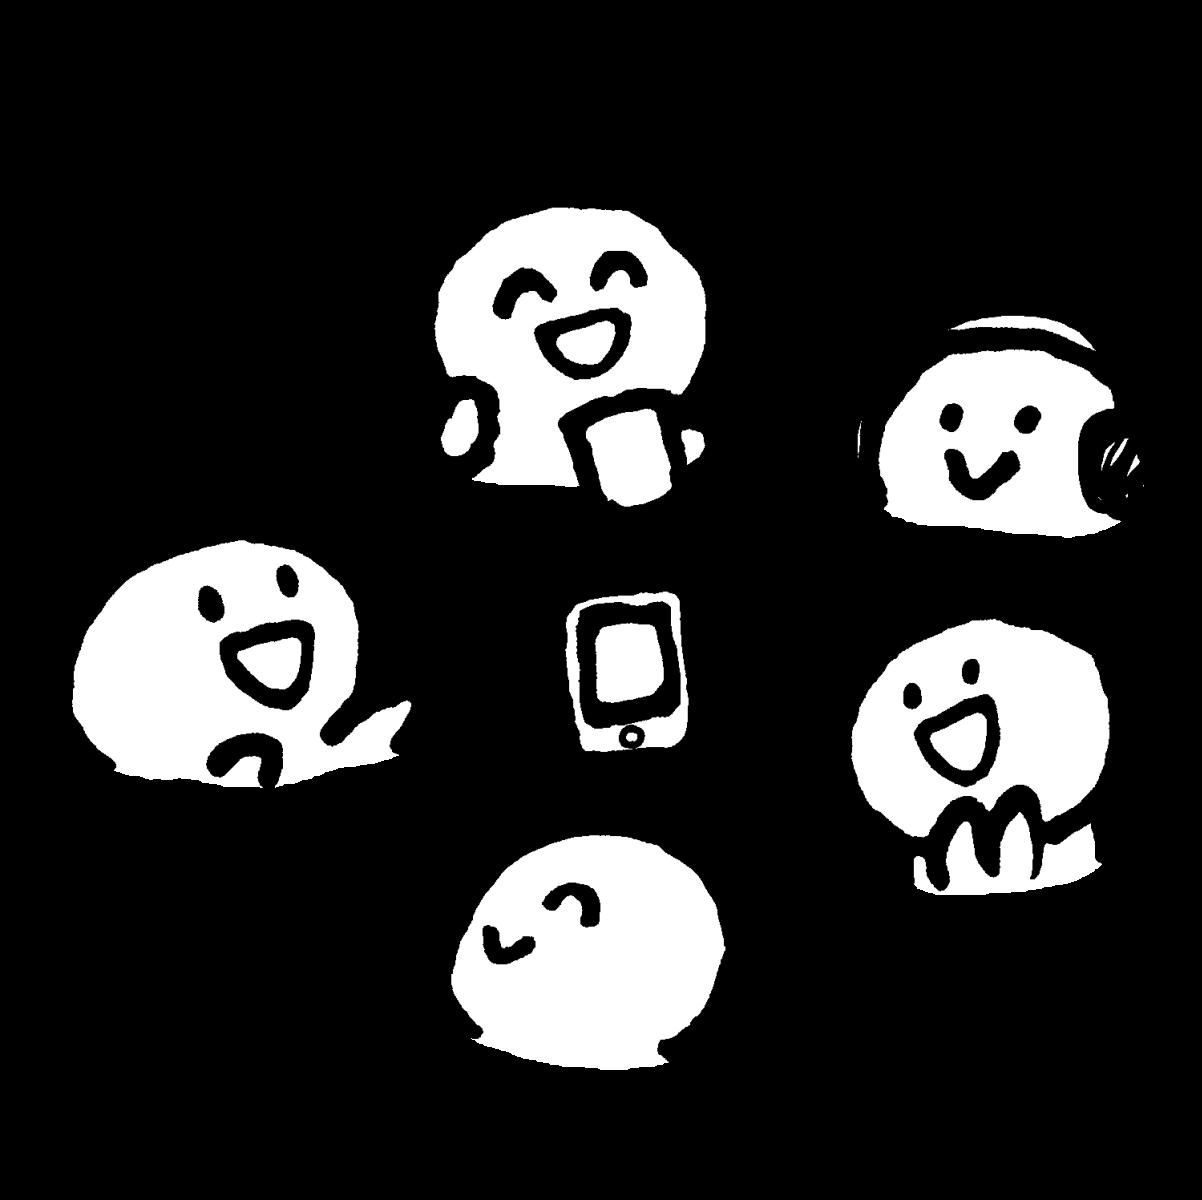 インターネットラジオのイラスト / Internet radio, Clubhouse Illustration